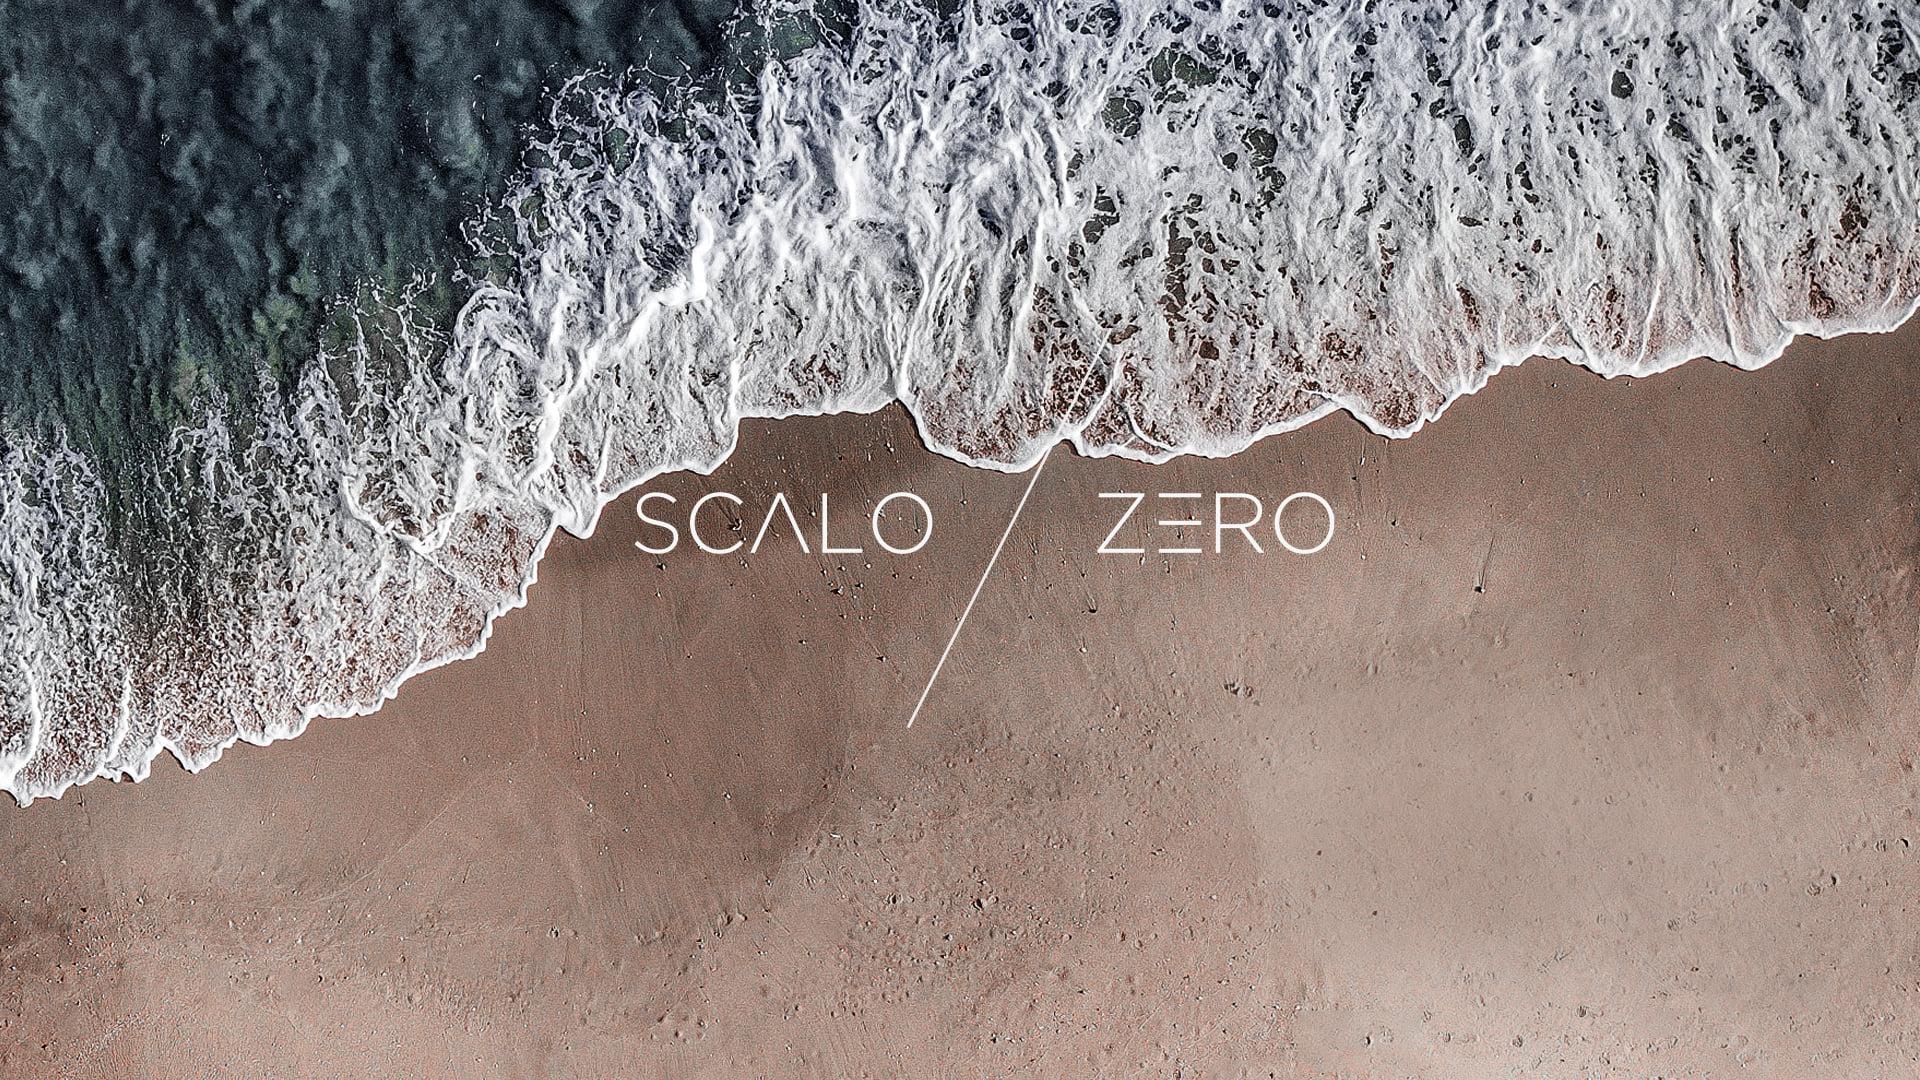 Scalozero